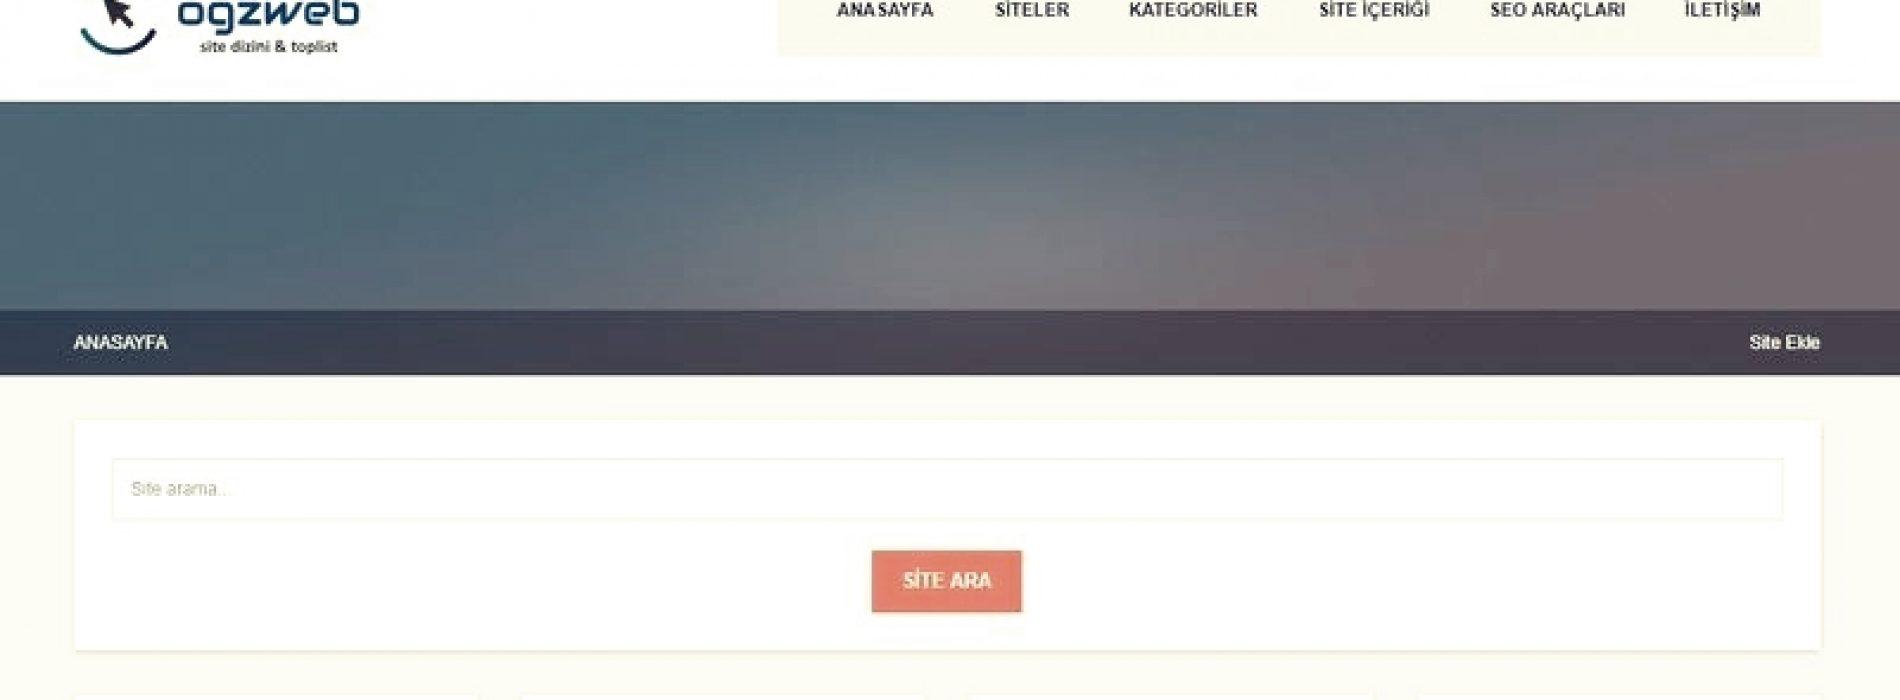 Ogznet Ücretsiz Site Dizini ve Toplist Scripti